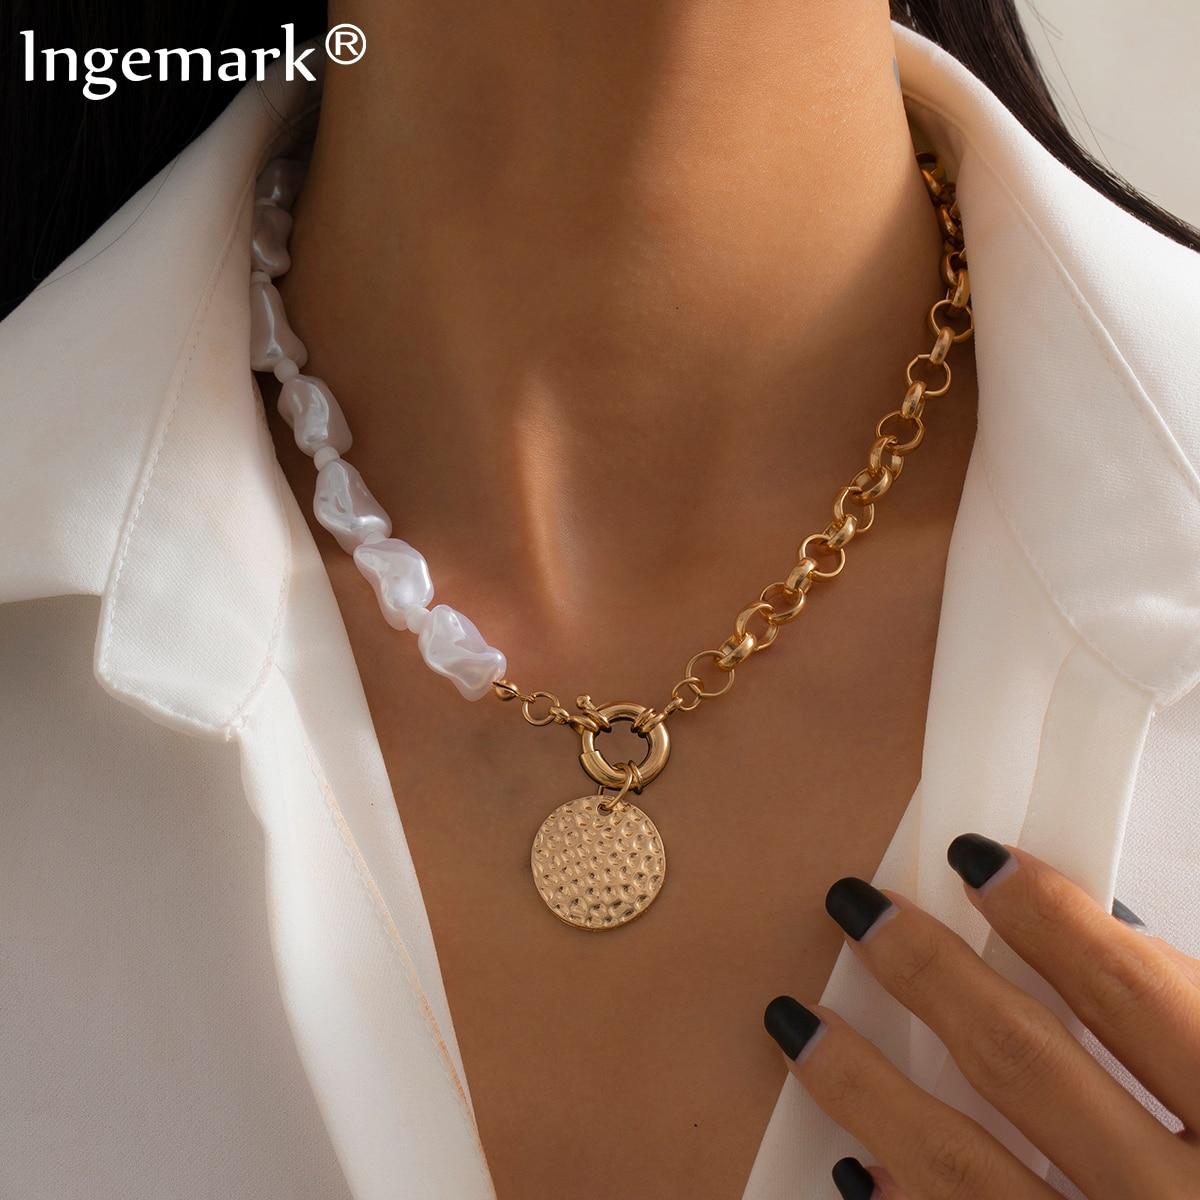 Gothique Baroque perle pièce pendentif collier ras du cou femmes mode déclaration Punk clavicule chaîne perlée mariage esthétique bijoux |